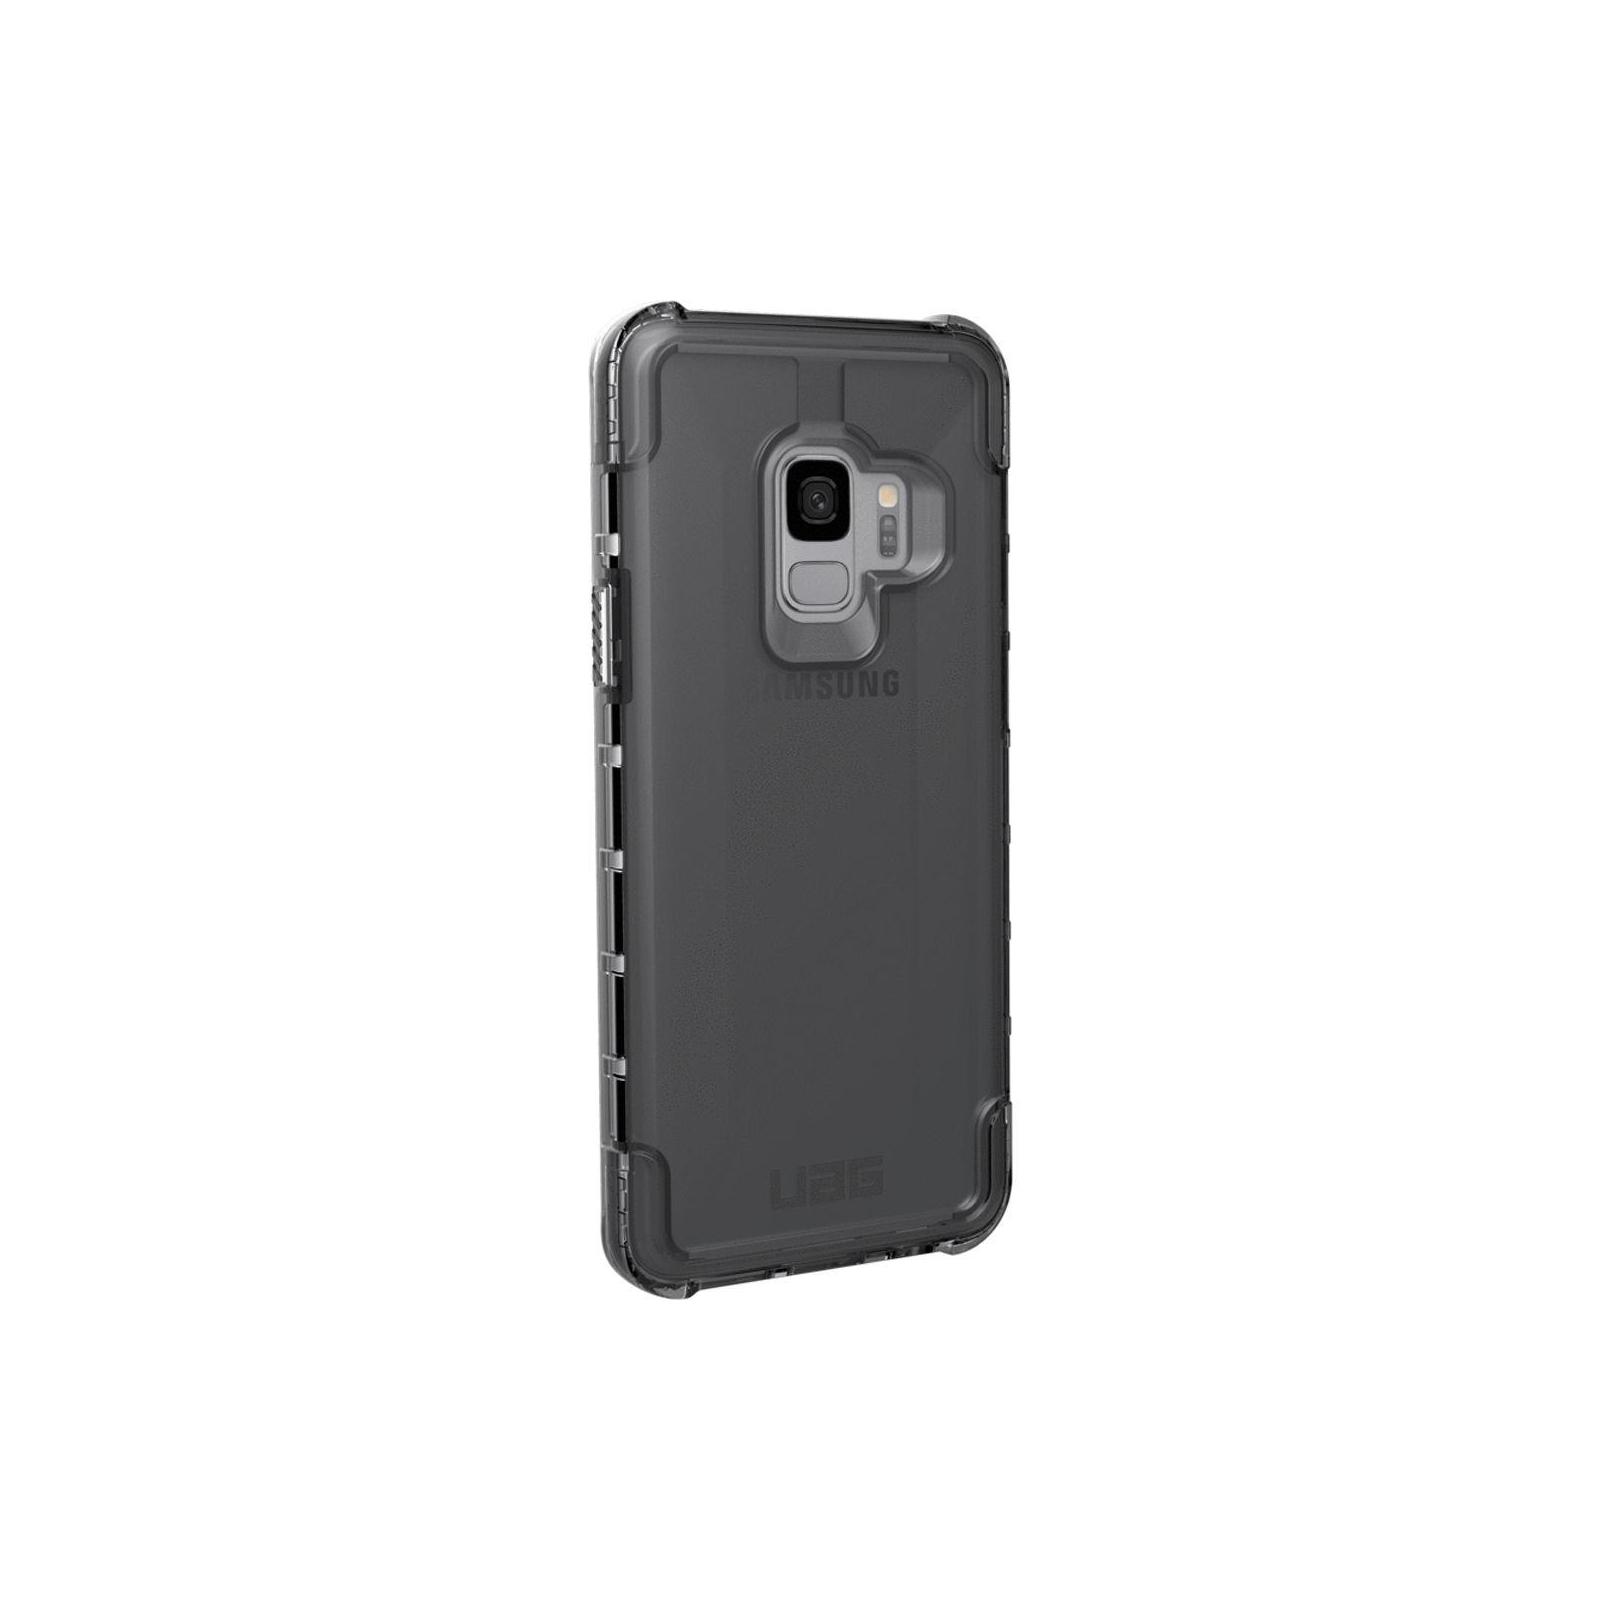 Чехол для моб. телефона Urban Armor Gear Galaxy S9 Plyo Ash (GLXS9-Y-AS) изображение 2